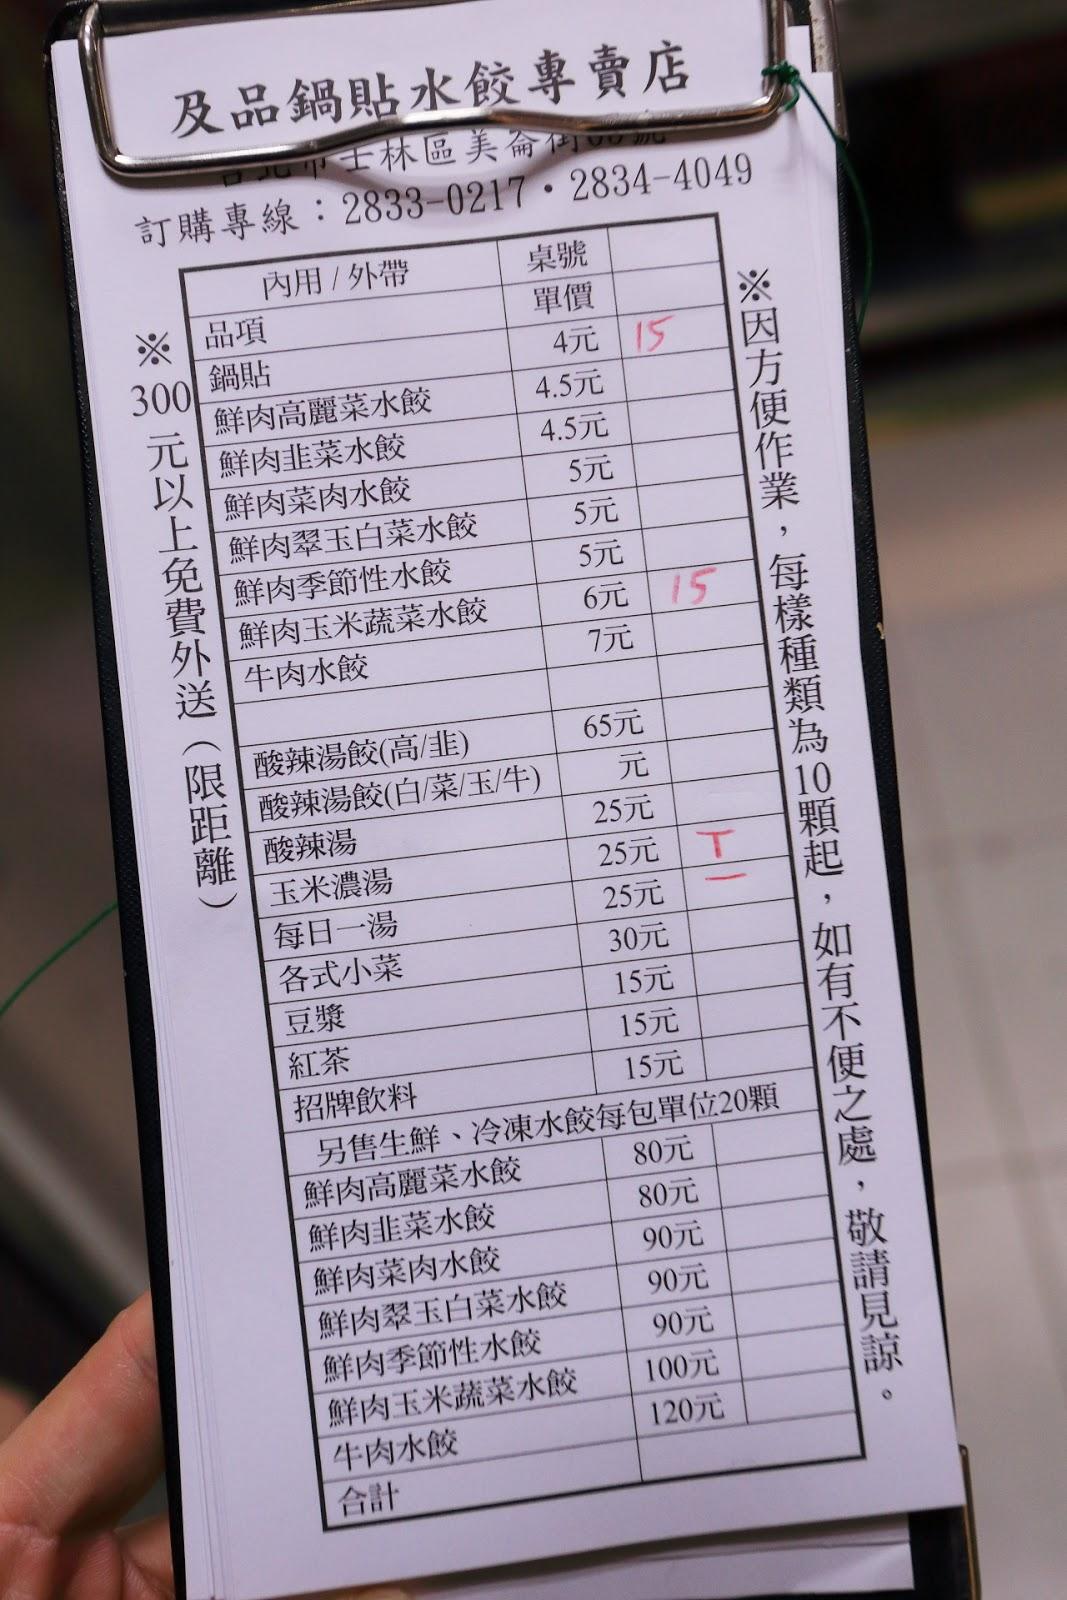 及品鍋貼水餃專賣店 臺北士林 樸實卻令人回味的在地麵食小店 - 小食日記